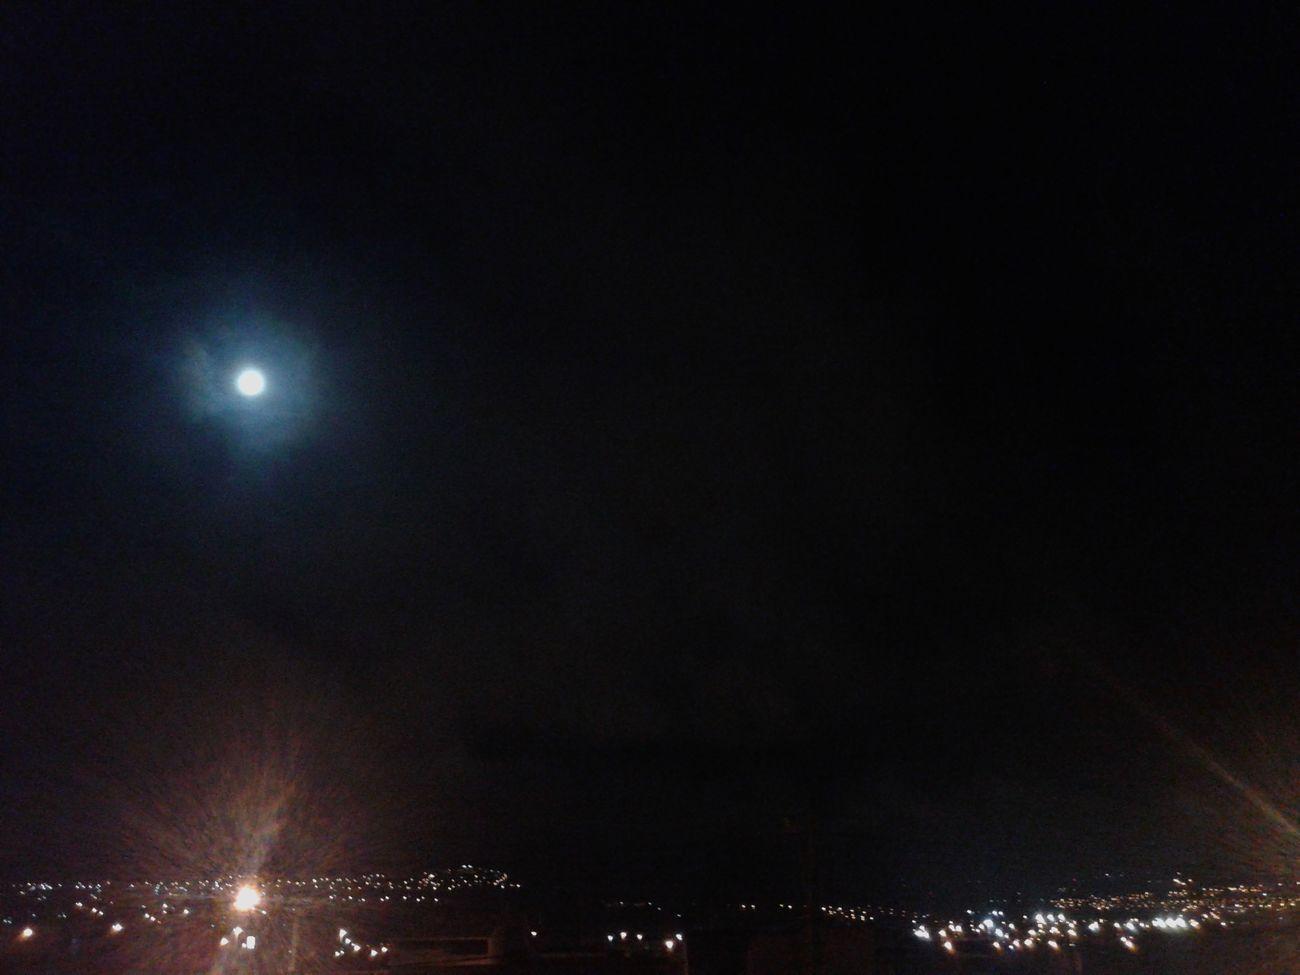 Deus perfeito capaz de fazer uma lua linda como esta! 6° :) ♥ 31 On December